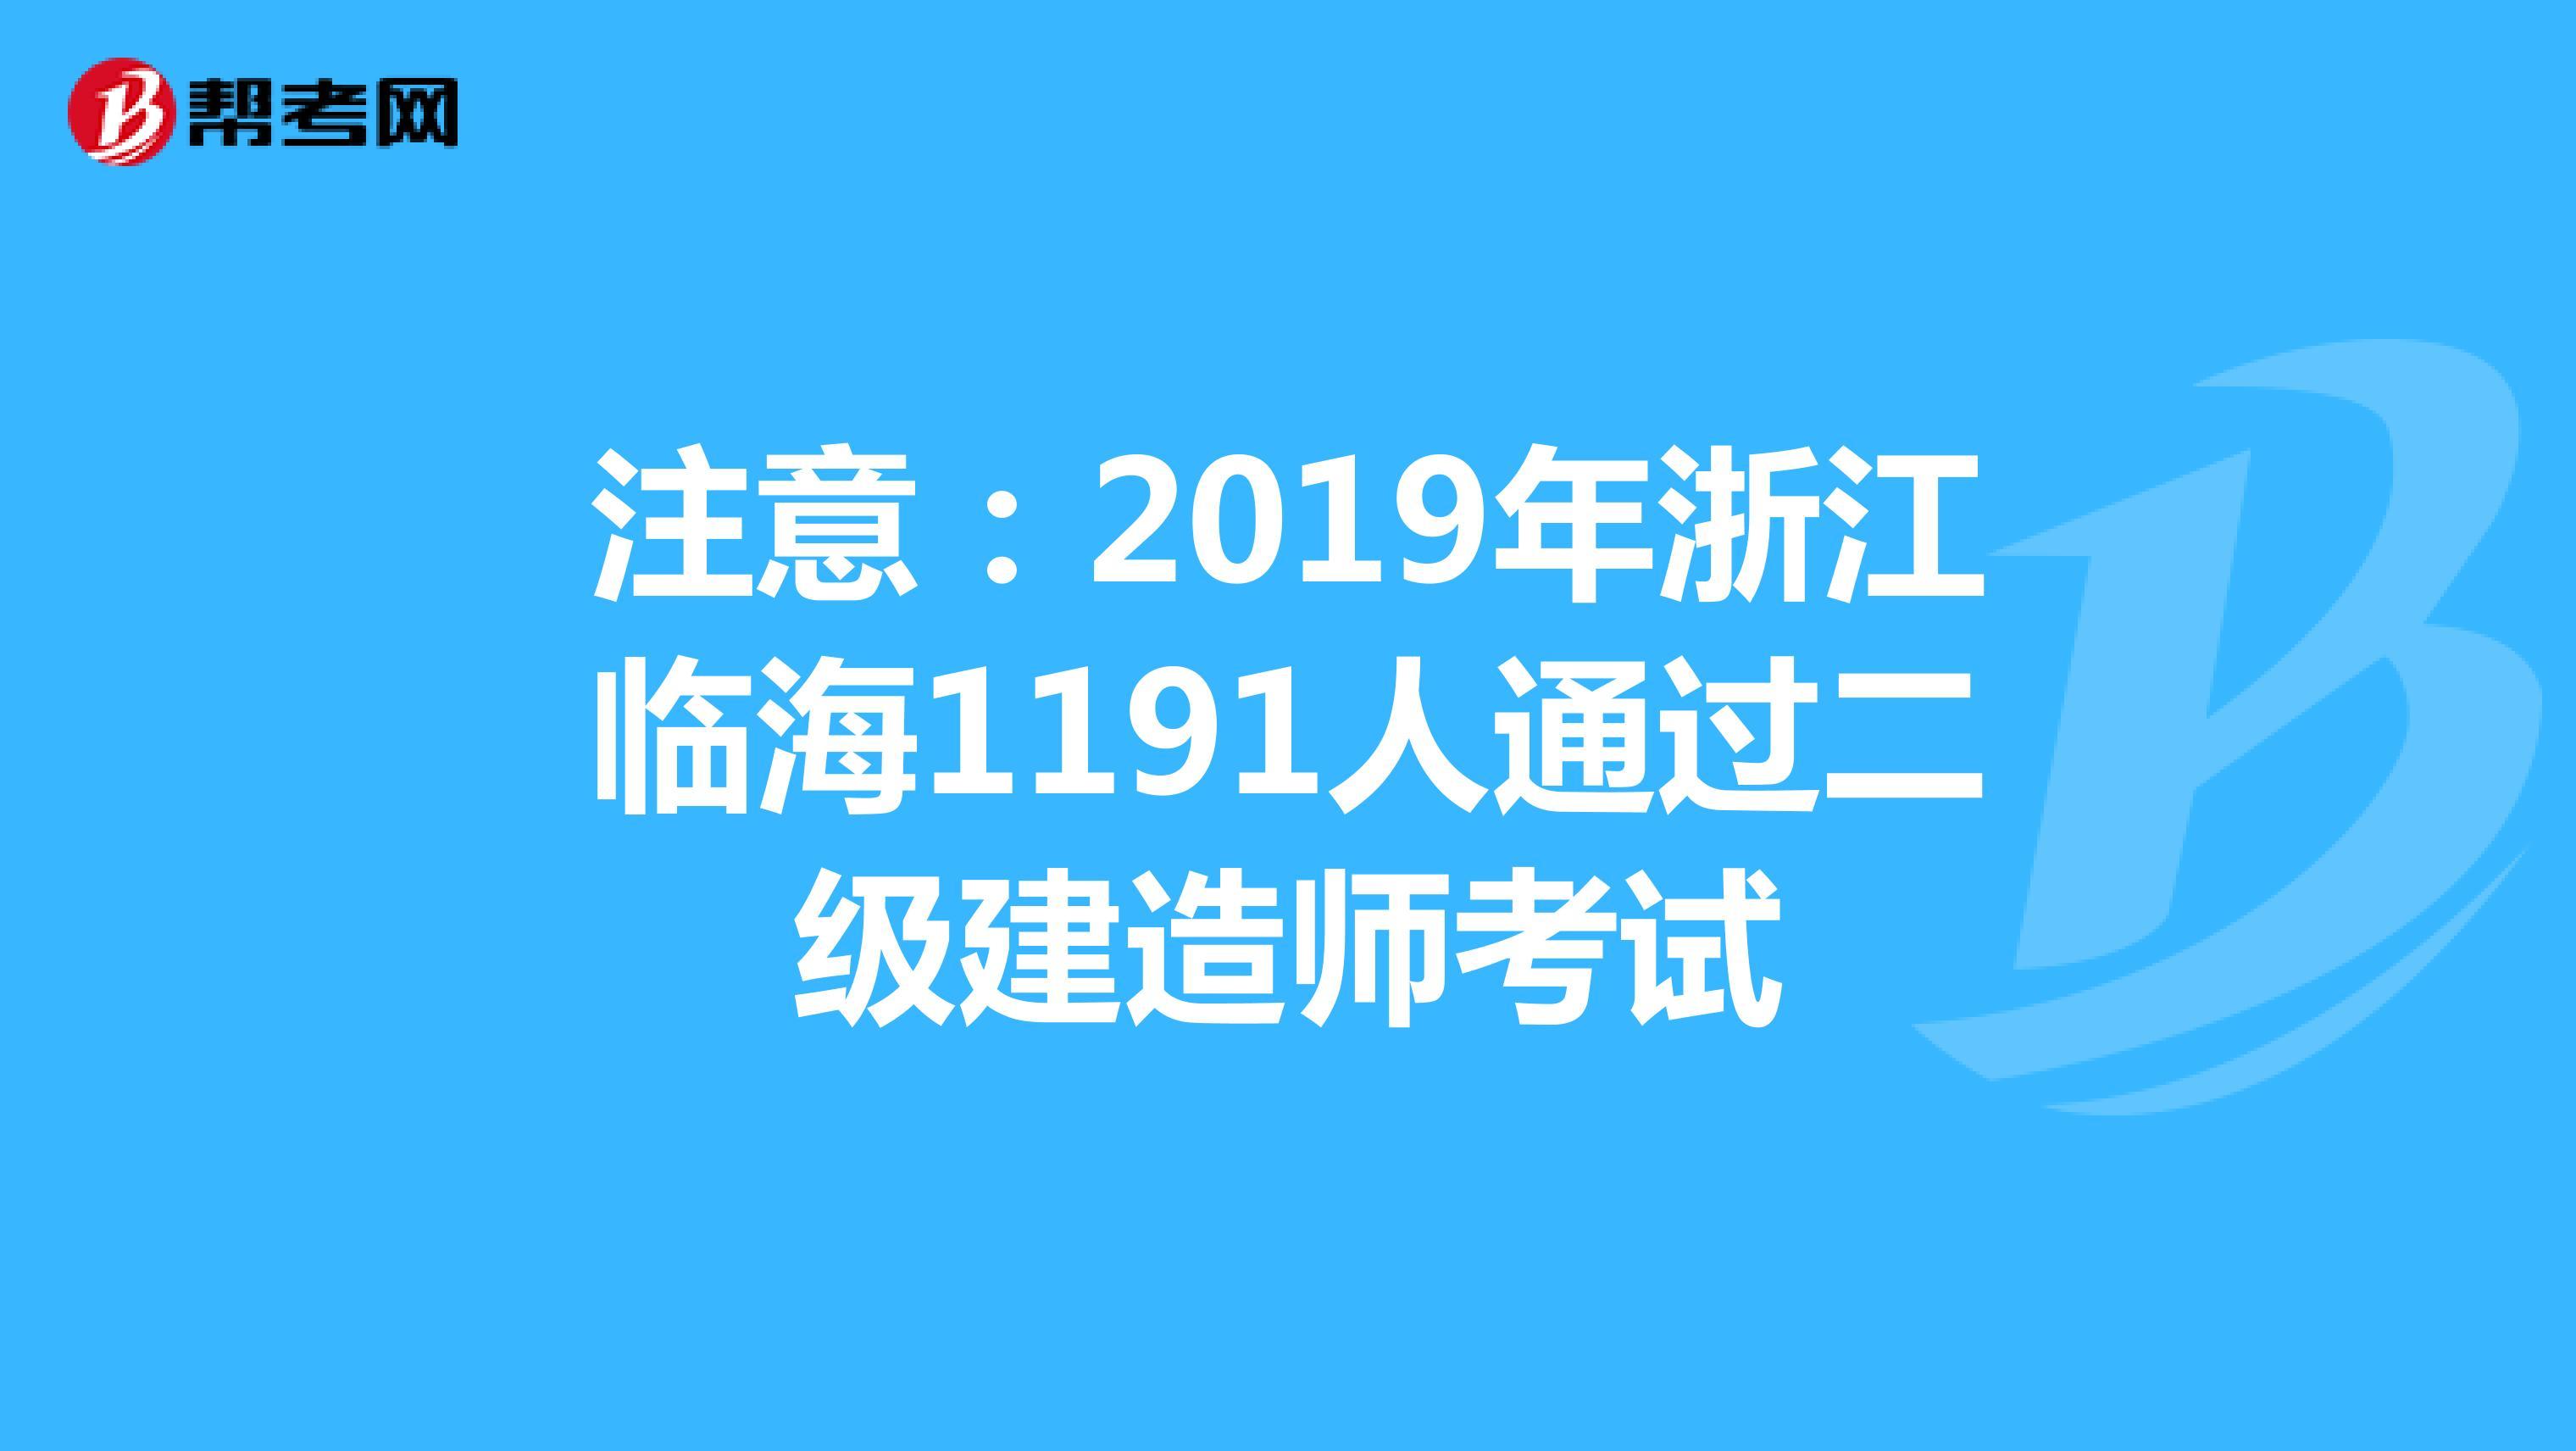 注意:2019年浙江临海1191人通过二级建造师考试